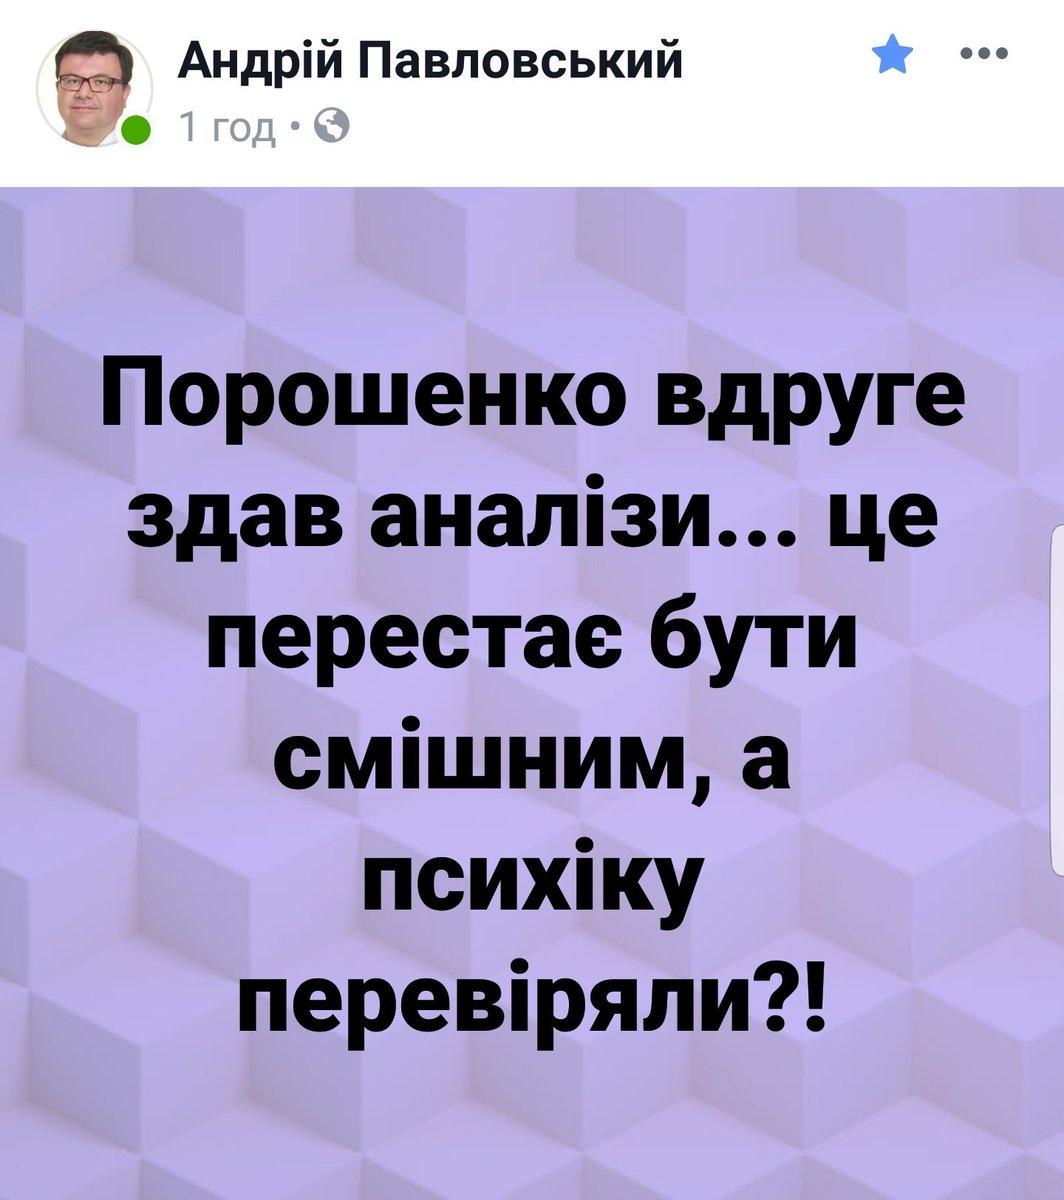 Українці мають бути впевнені, що Президентом і Верховним Головнокомандувачем не стане людина з наркотичною або алкогольною залежністю, - Порошенко - Цензор.НЕТ 2787